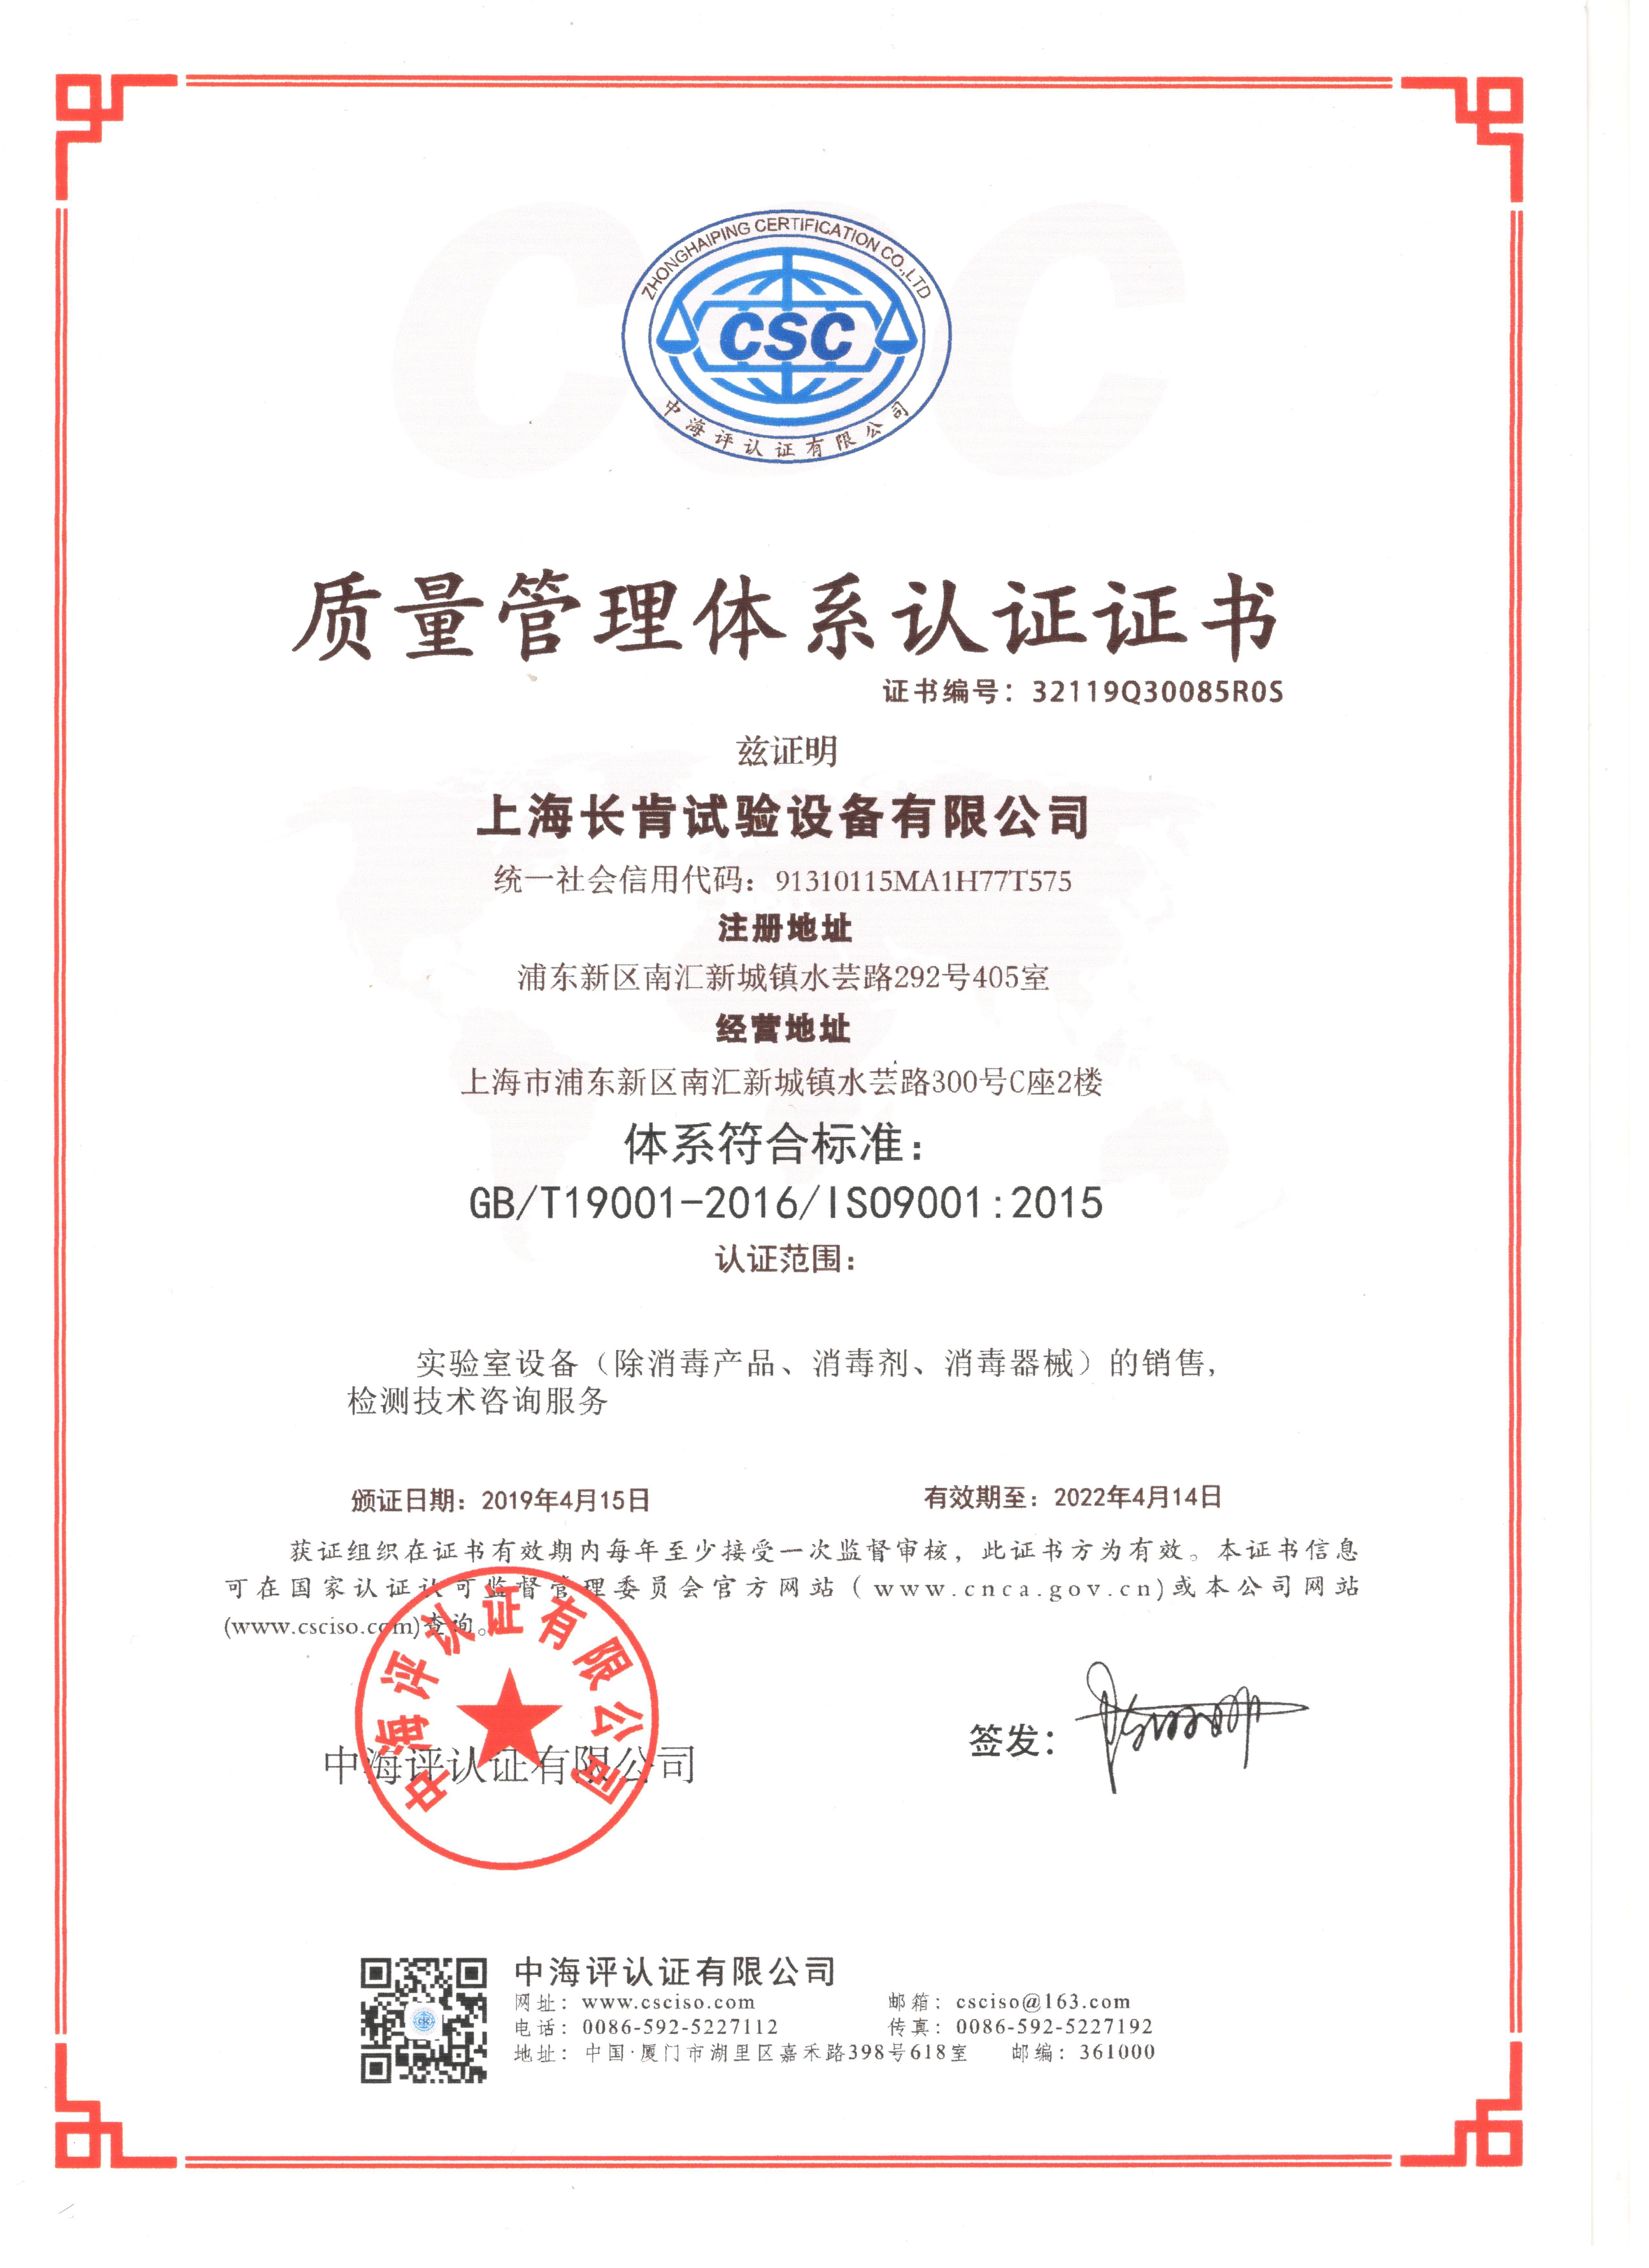 質量管理體系認證證書-1